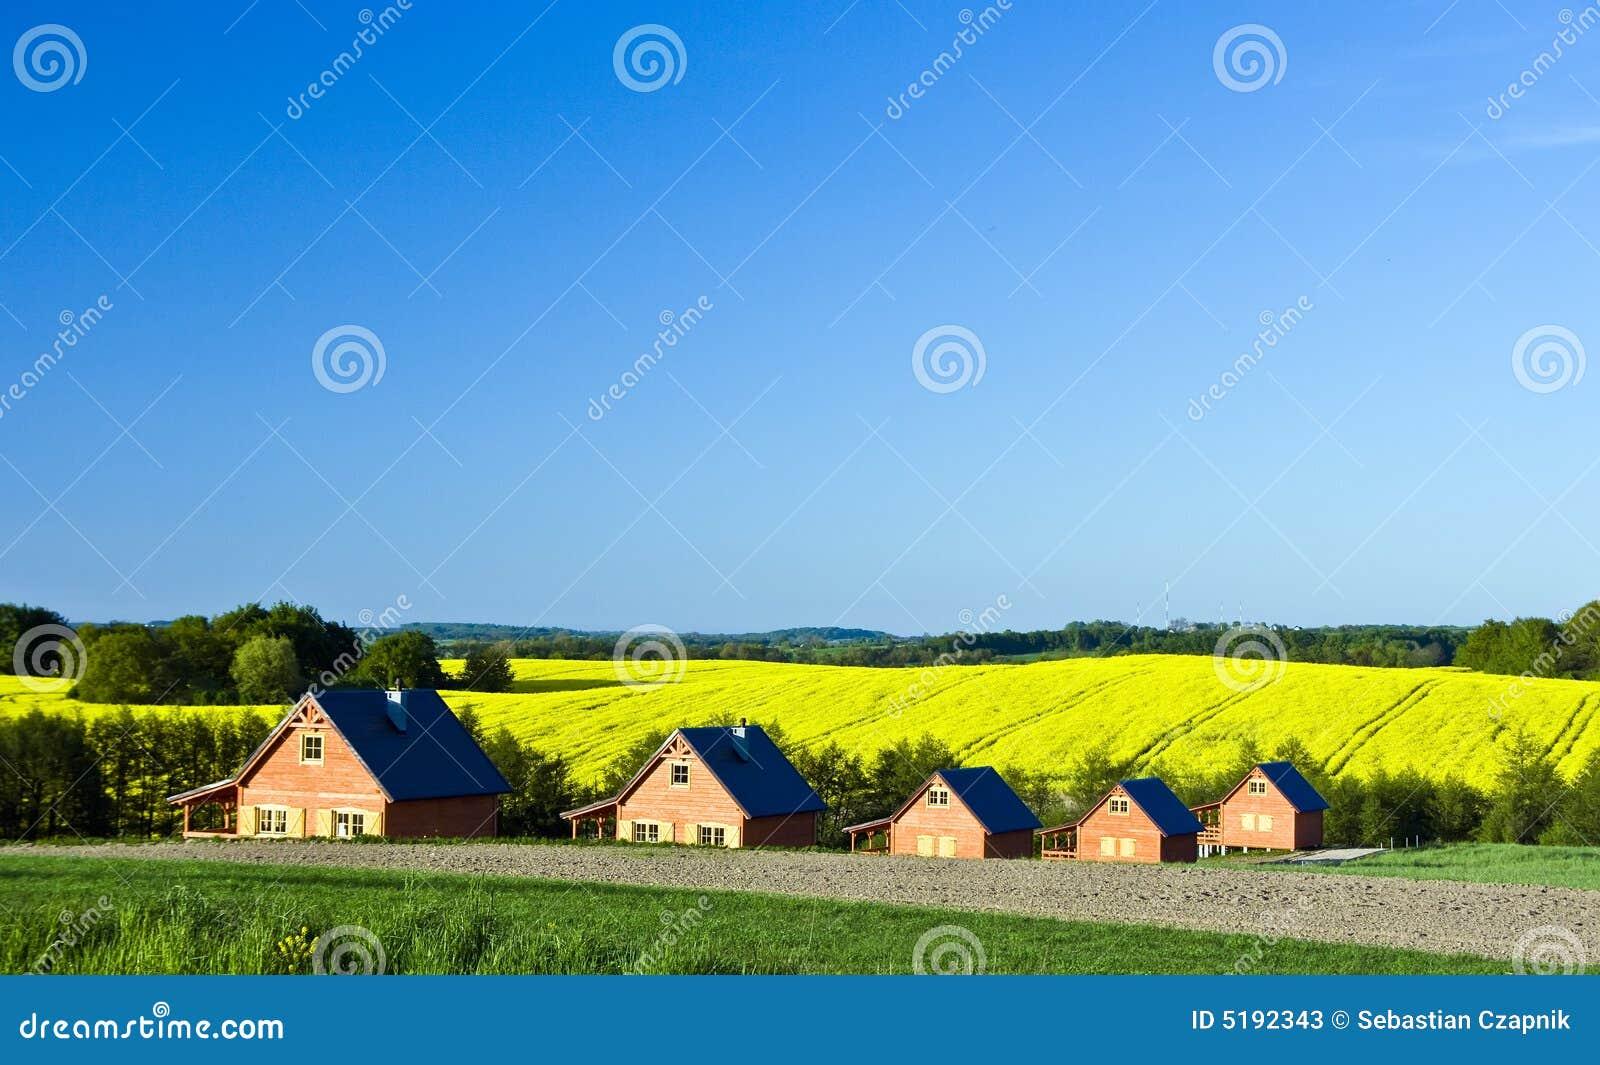 Paisaje de las casas de campo imagen de archivo imagen - Paisajes de casas de campo ...